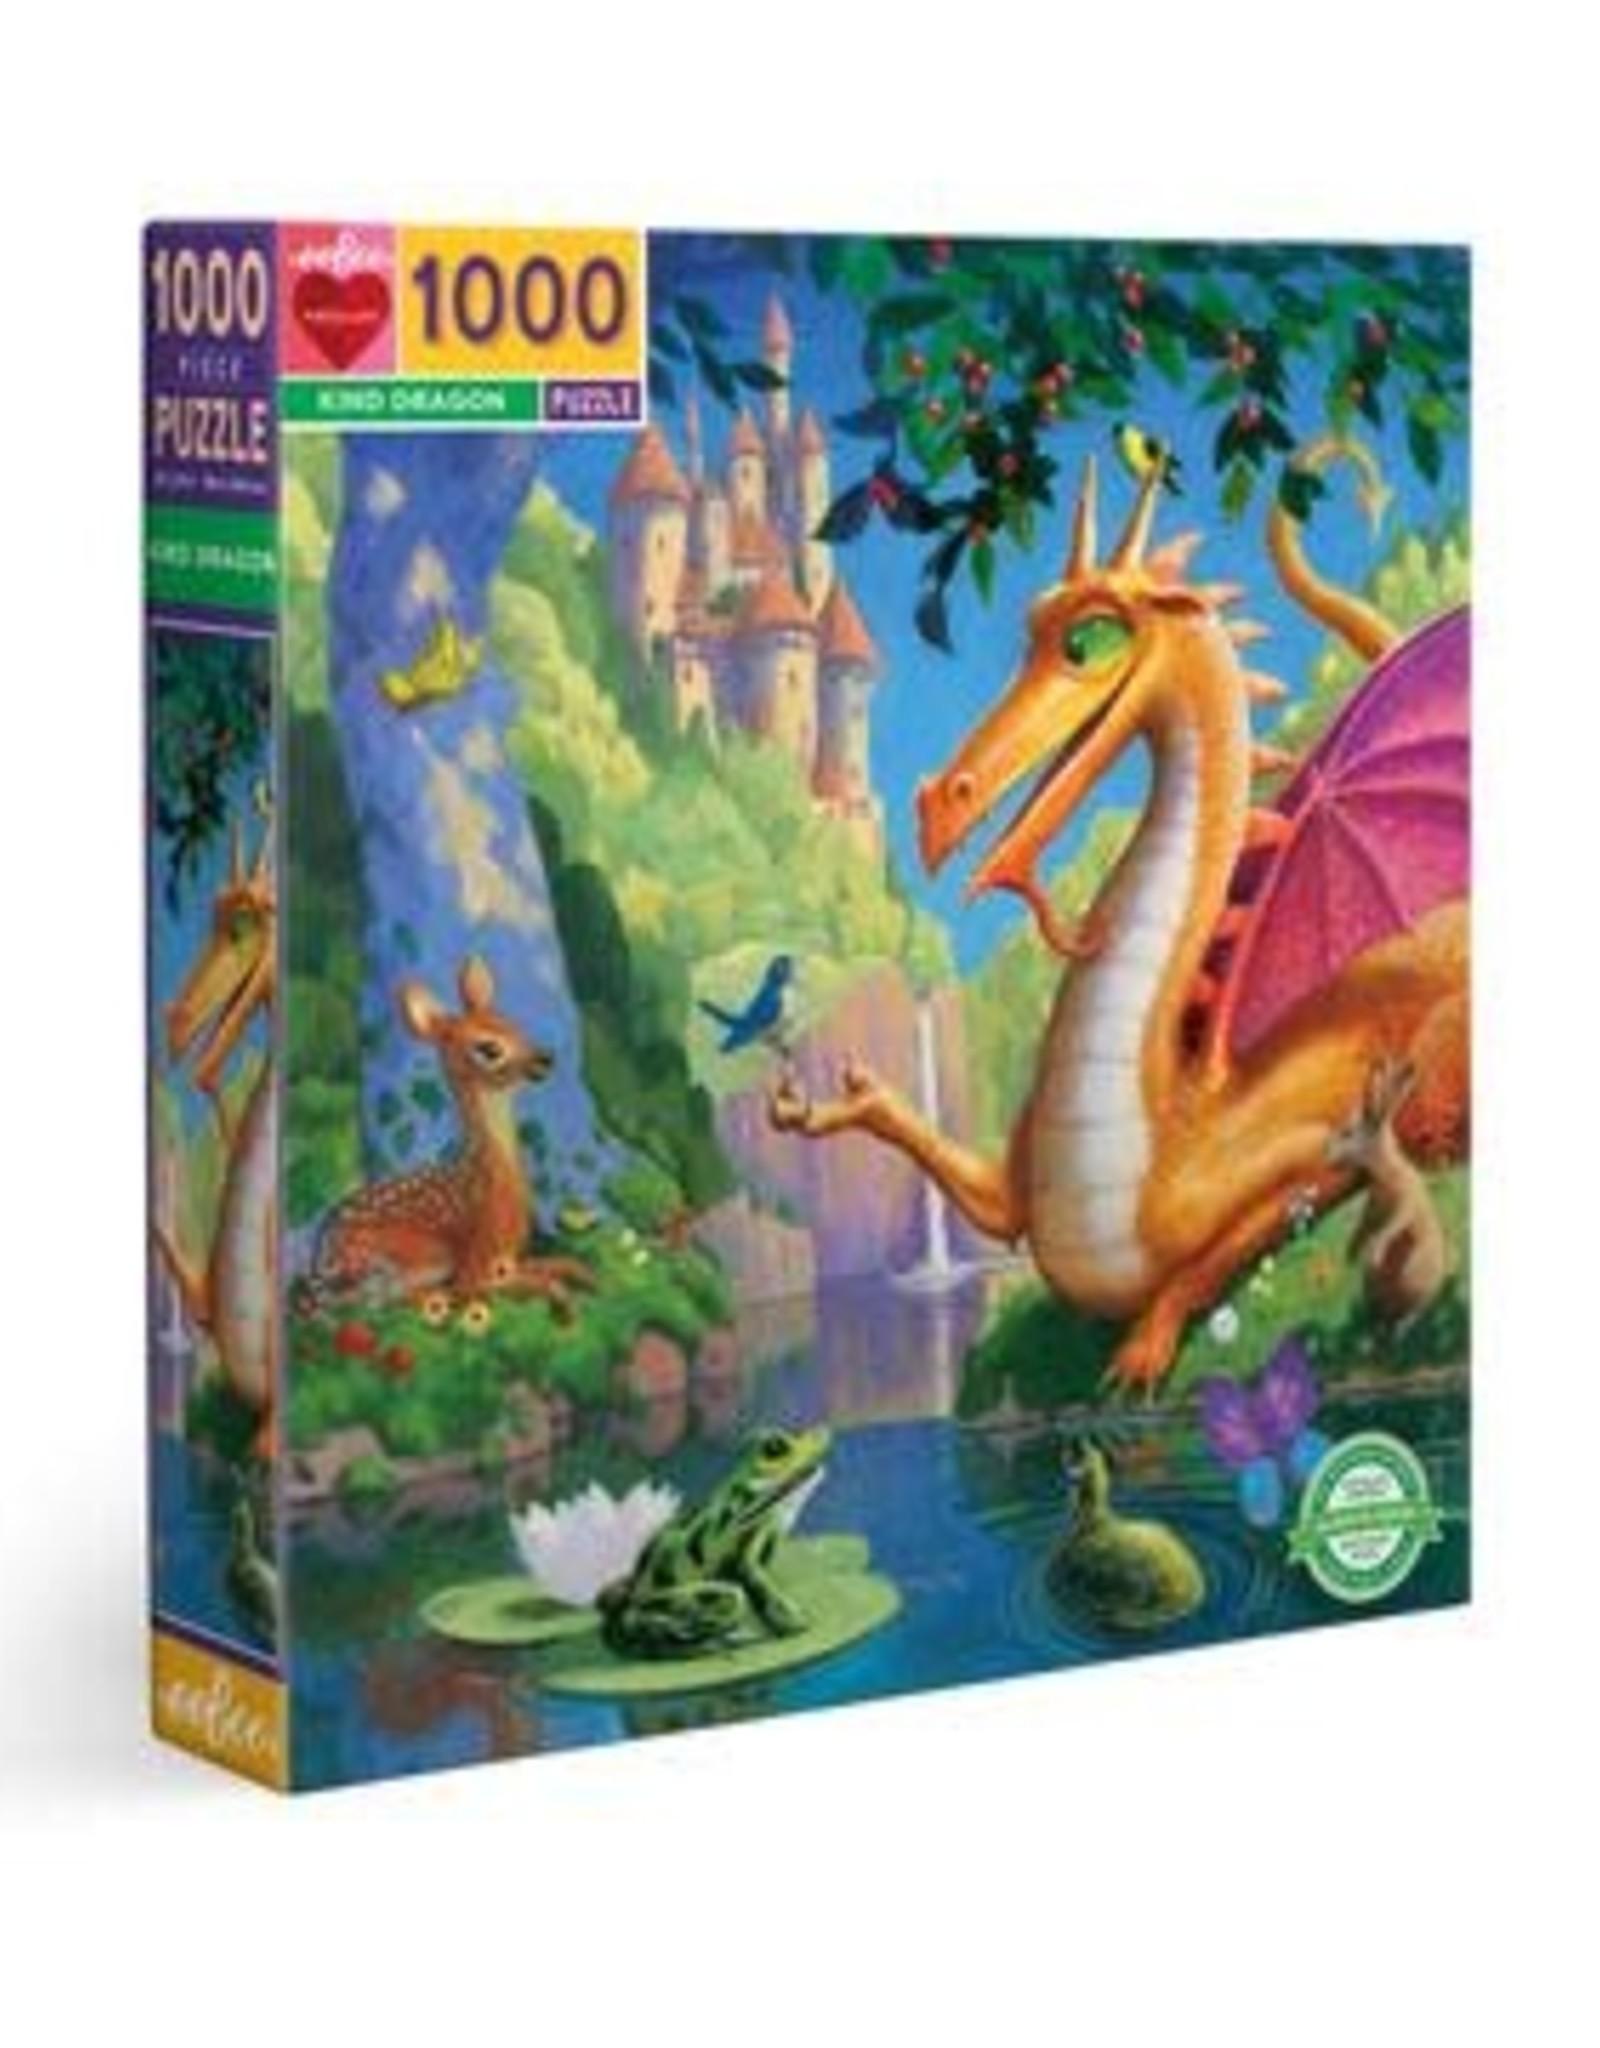 eeBoo KIND DRAGON 1000 PC